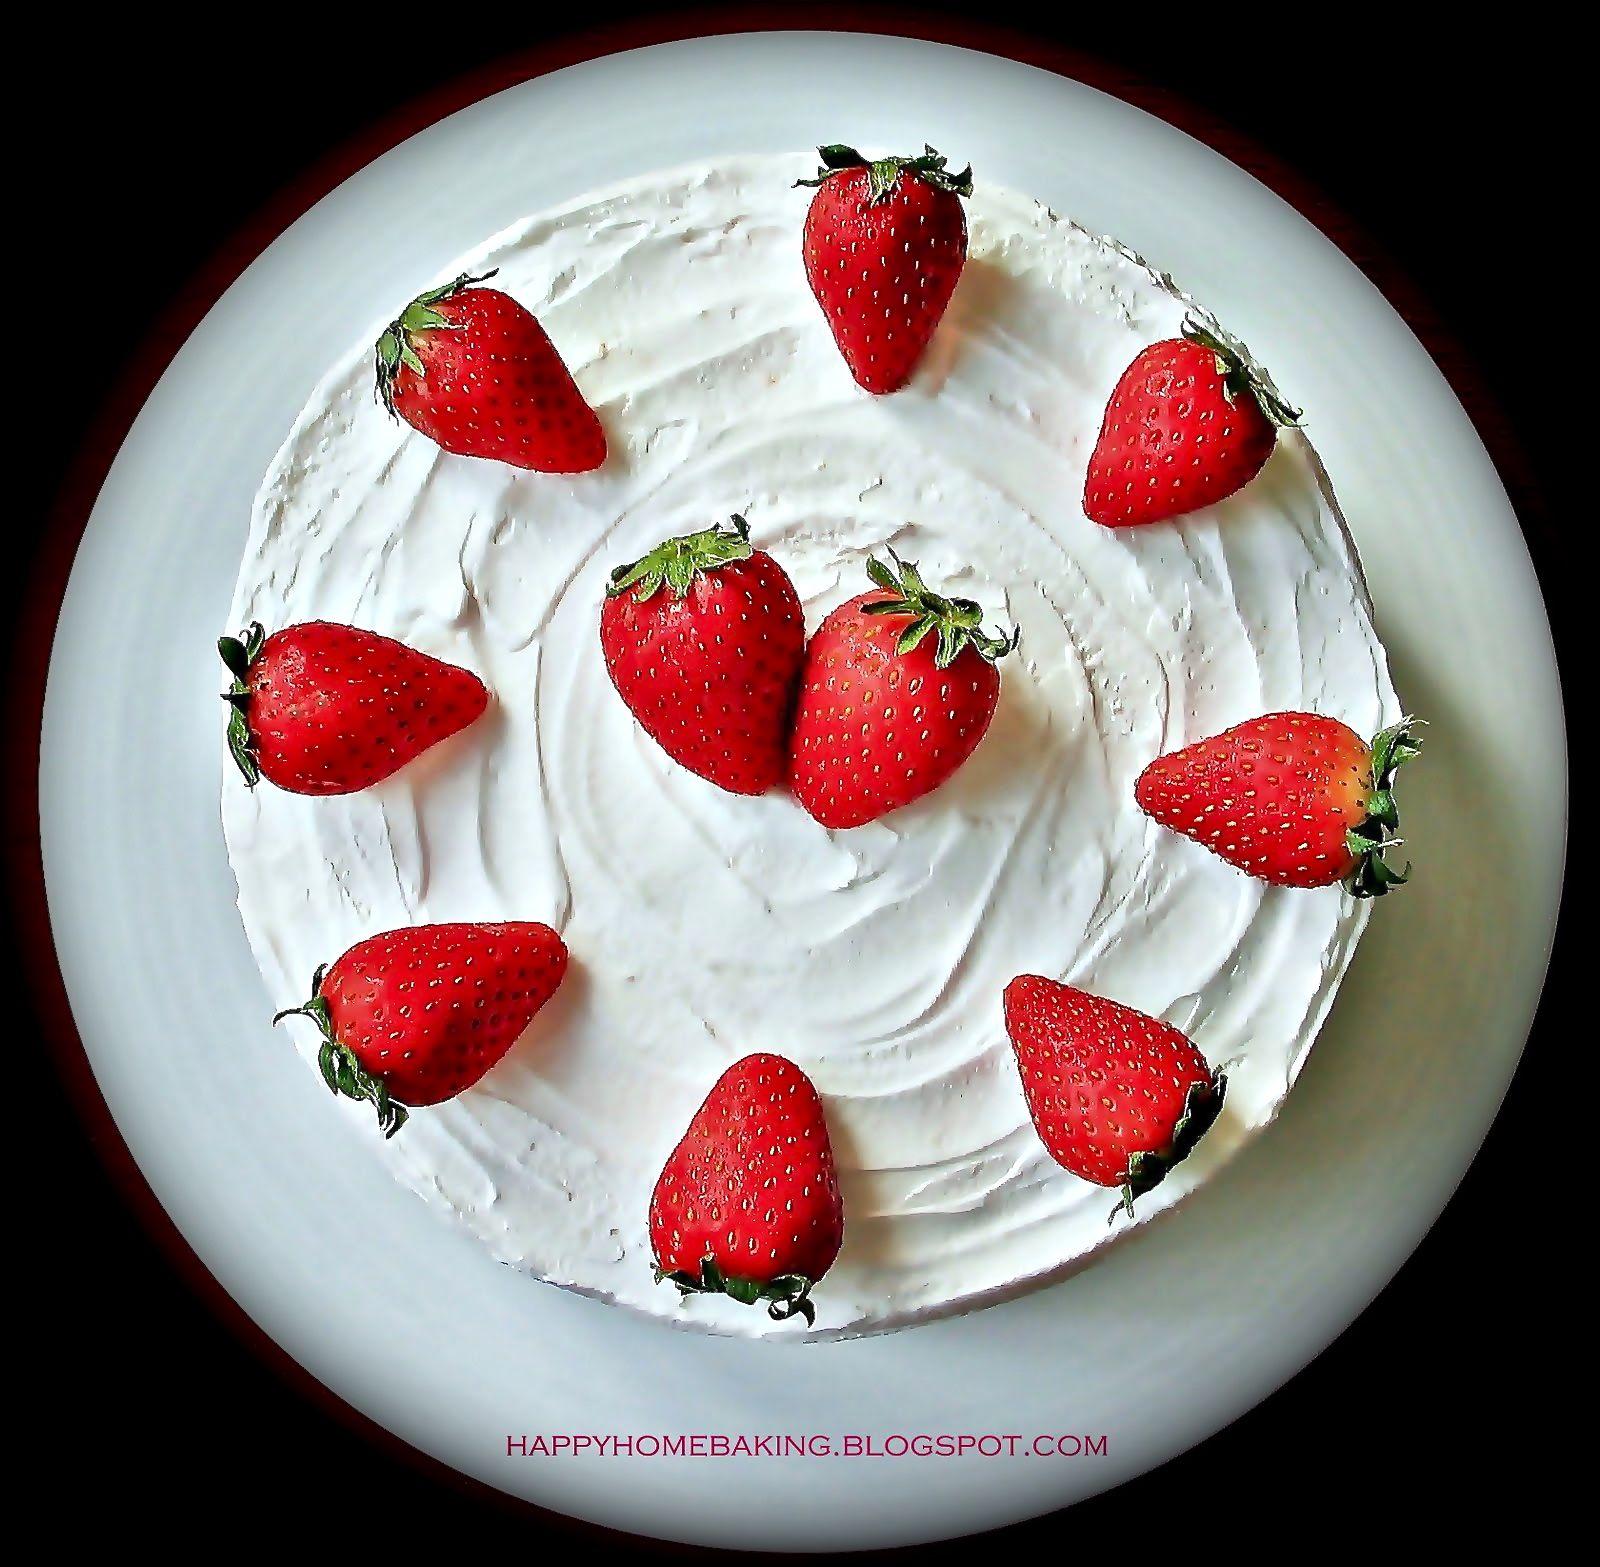 Japanese birthday cake recipes Food world recipes